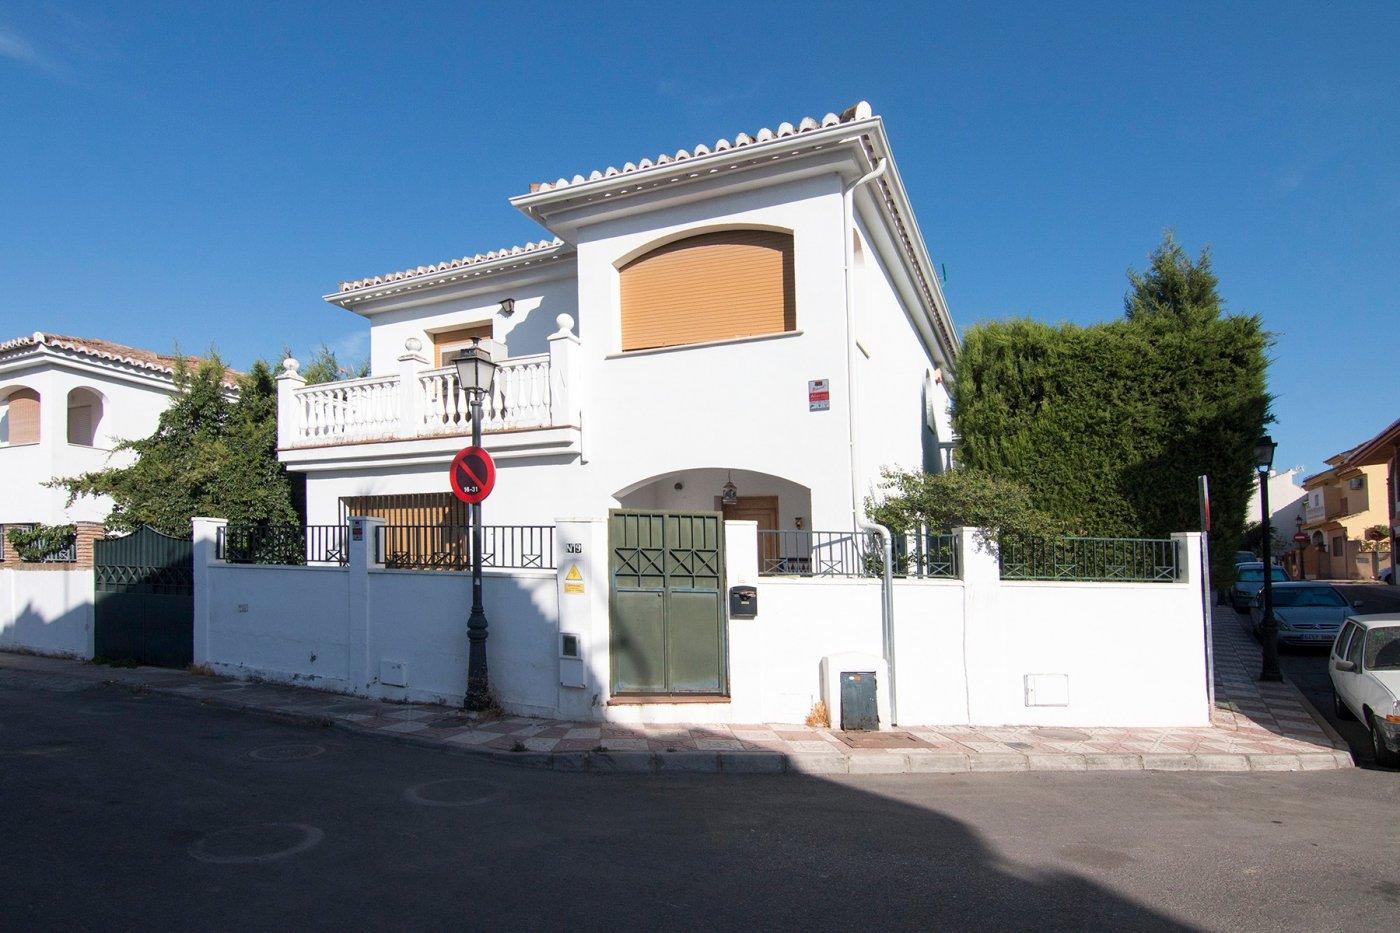 Estupenda casa en La Zubia, Granada